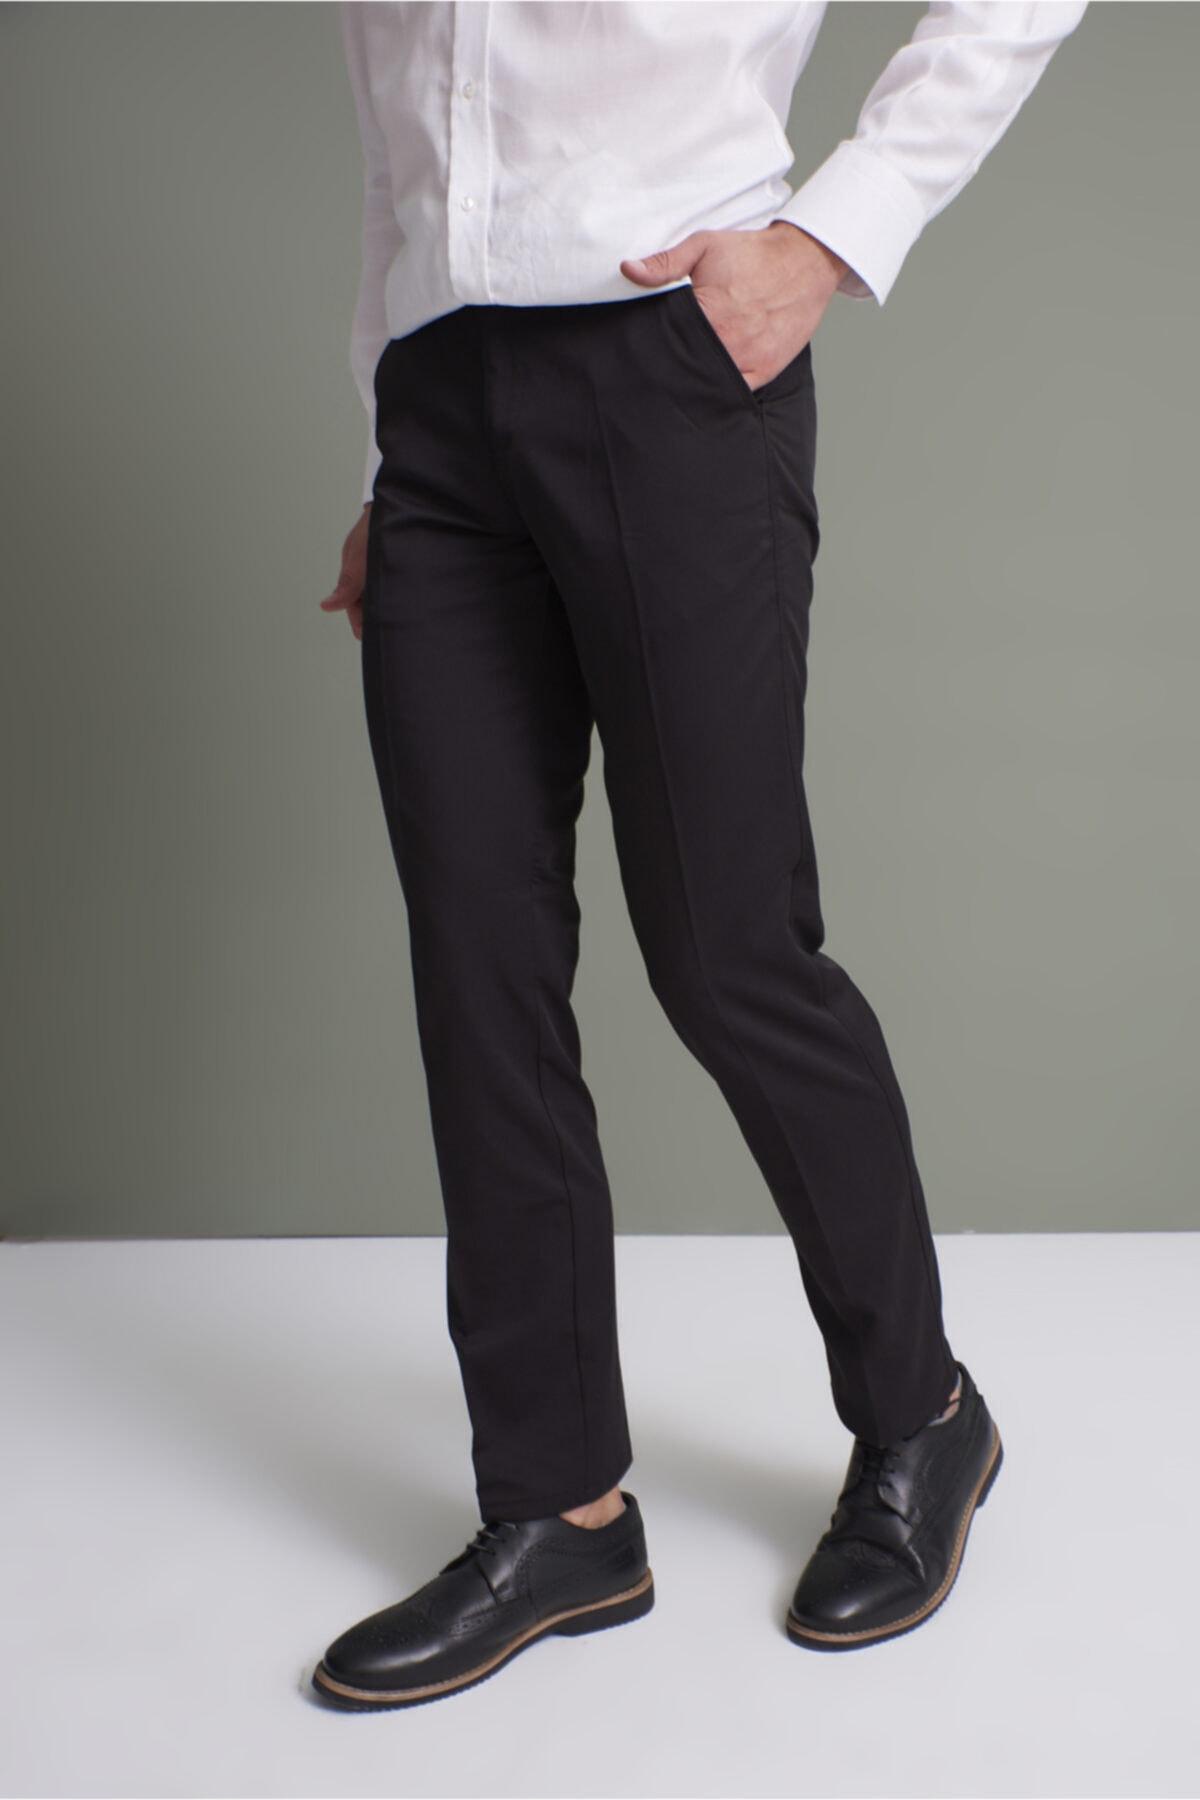 TENA MODA Erkek Siyah Klasik Rahat Kalıpkumaş Pantolon 2